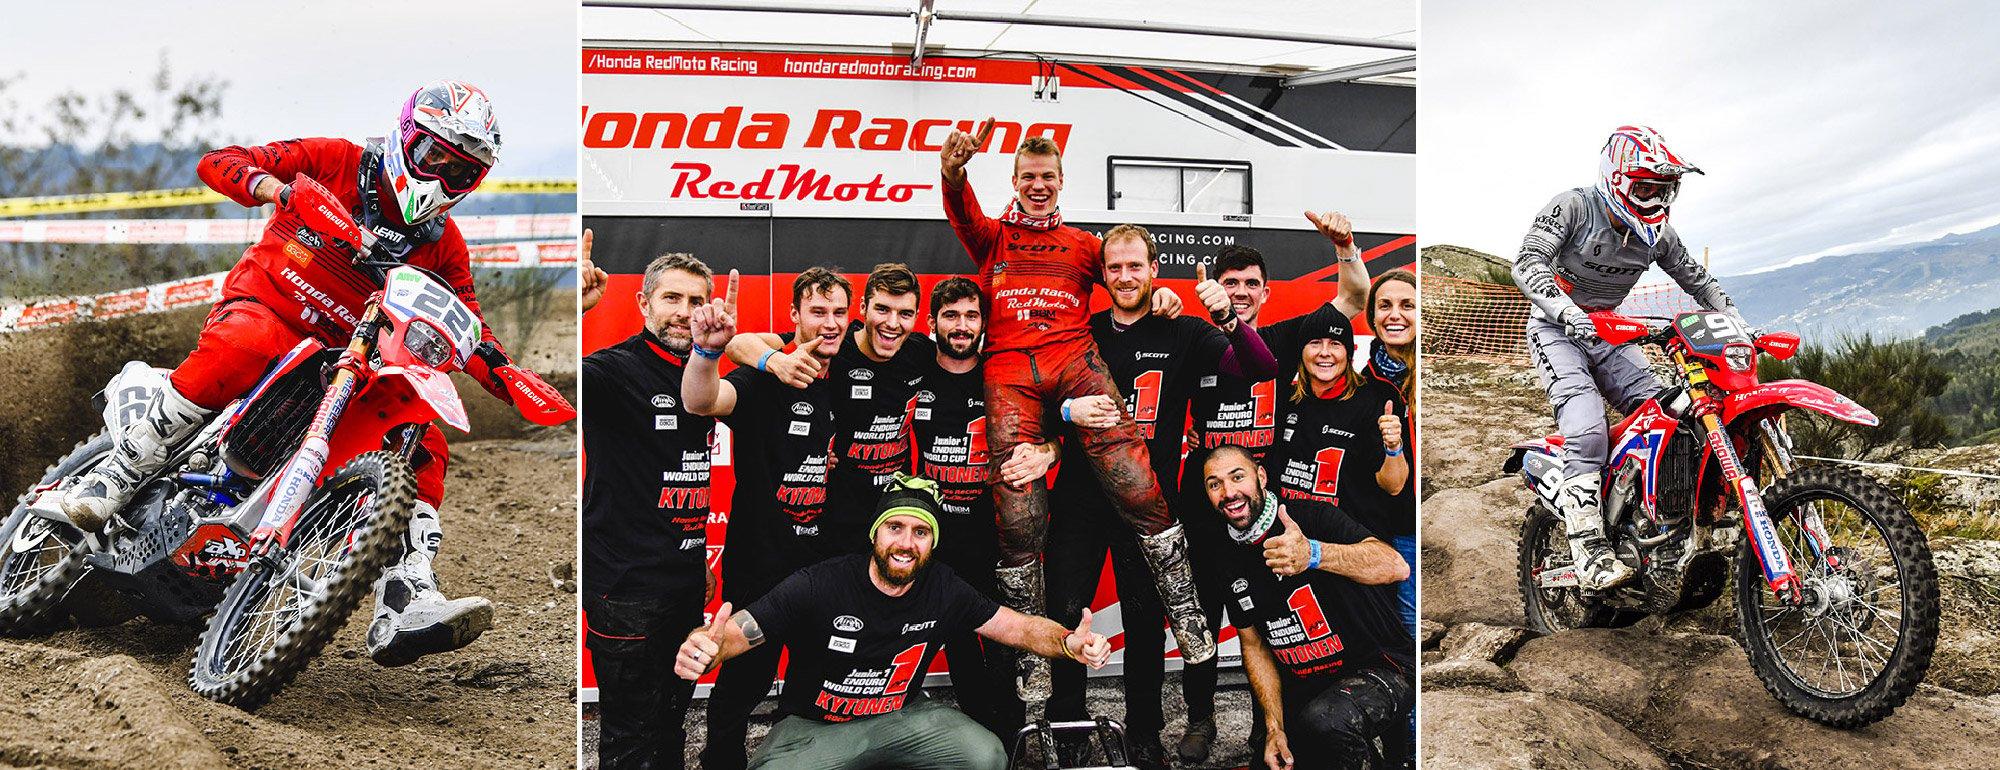 Red Moto World Enduro Team - Blog Championship Photo_Champ 6